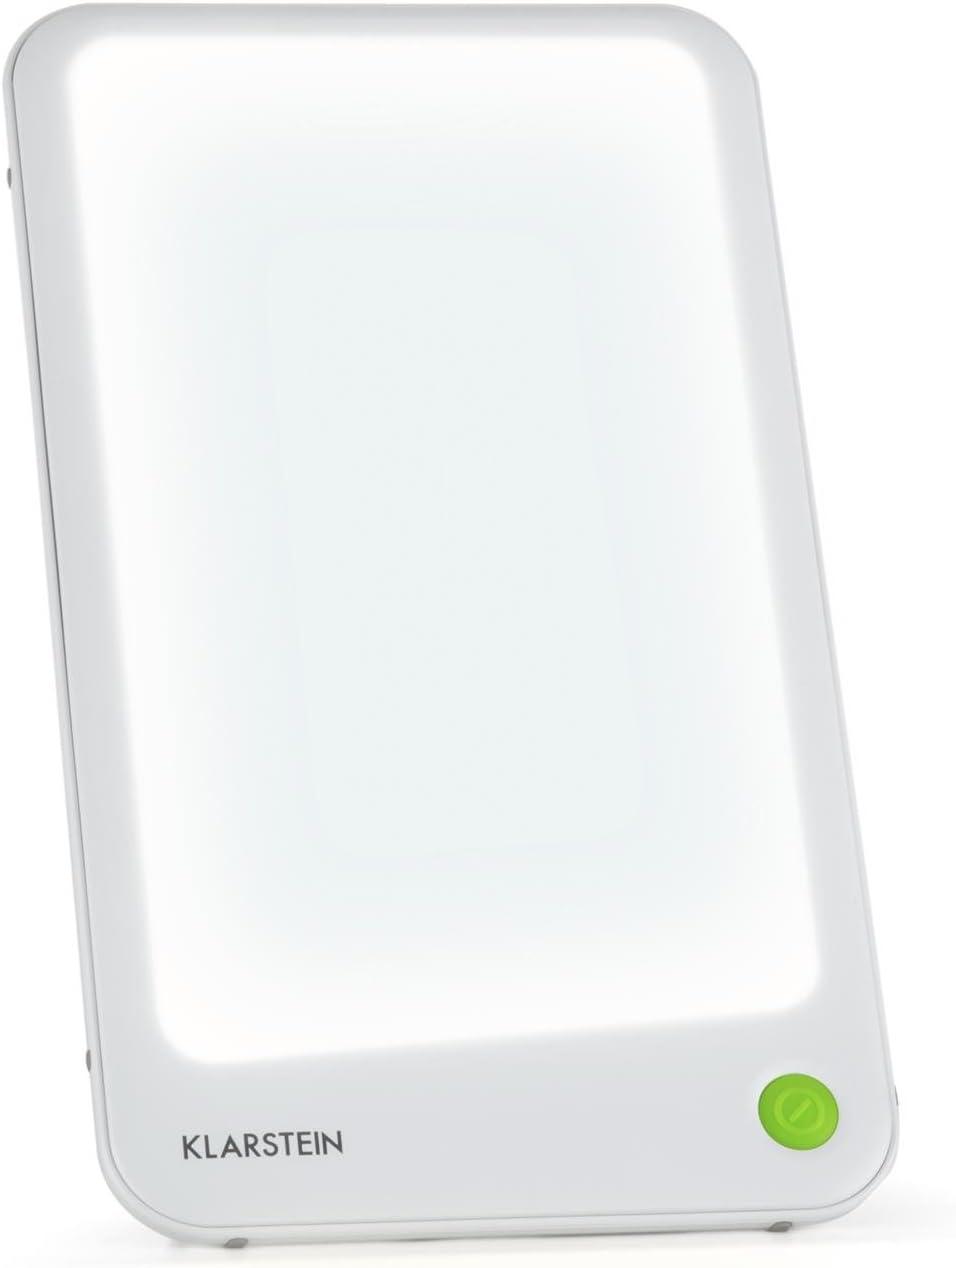 /Wei/ß Klarstein 3/MC Tischleuchte Therapeutische / 10.000/LUX, 8.000/Stunden, Oberfl/äche 35/x 48/cm, fluorisierend, anti-depresi/ón, Lichttherapieger/ät, Umwelt, geeignet zum Aufh/ängen